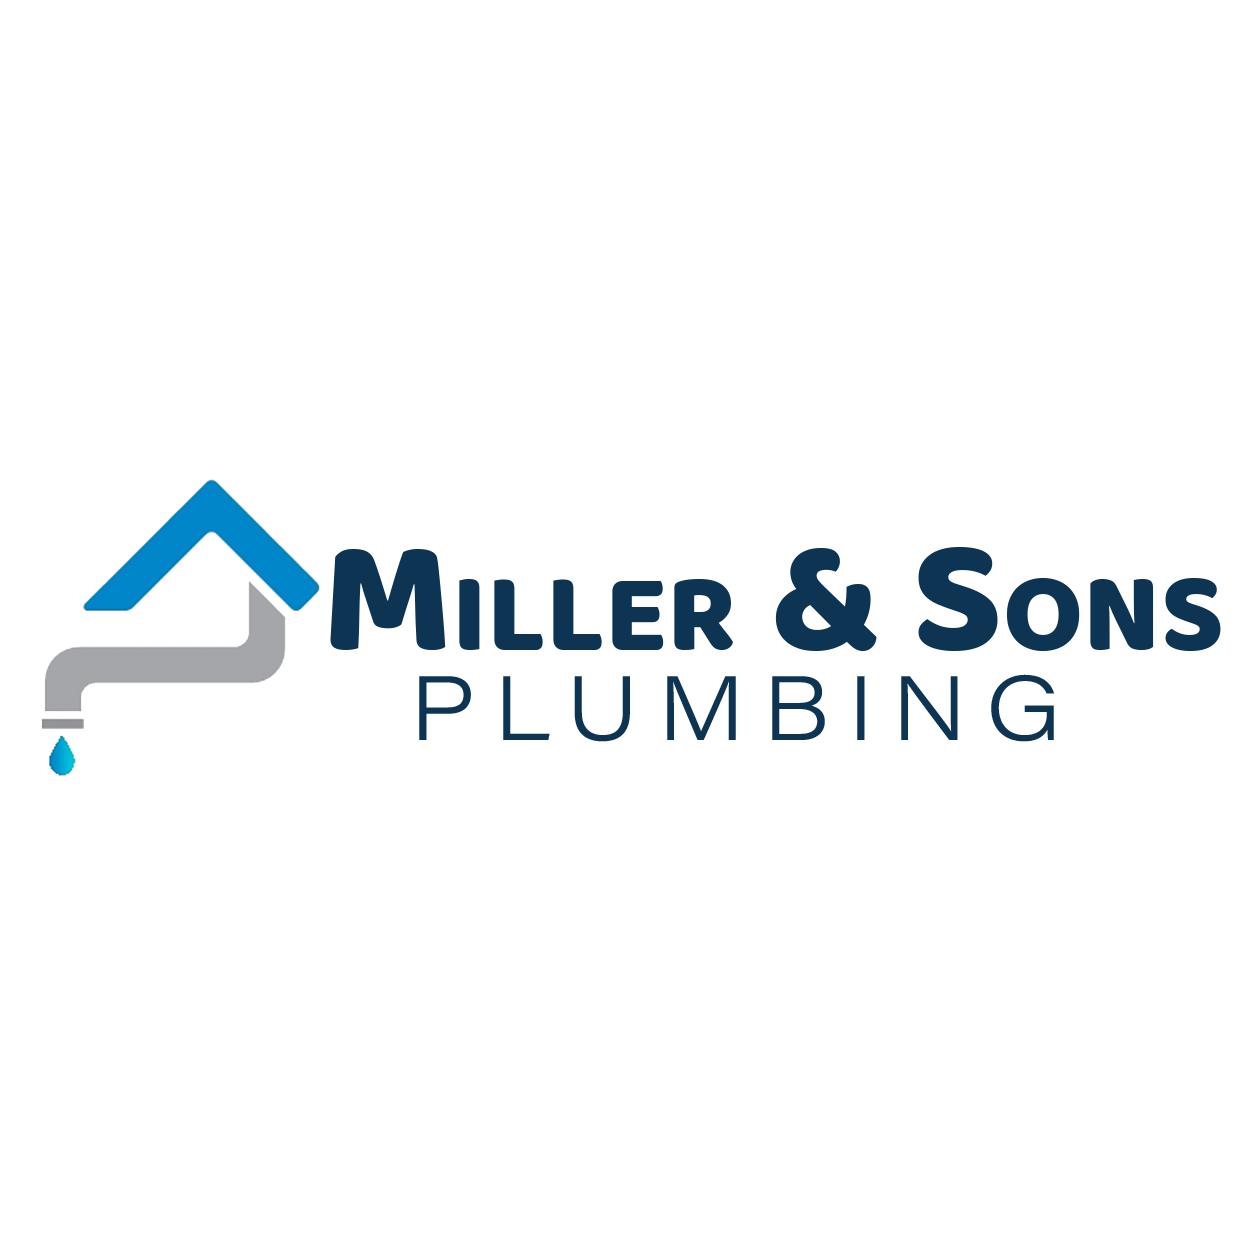 Miller & Sons Plumbing